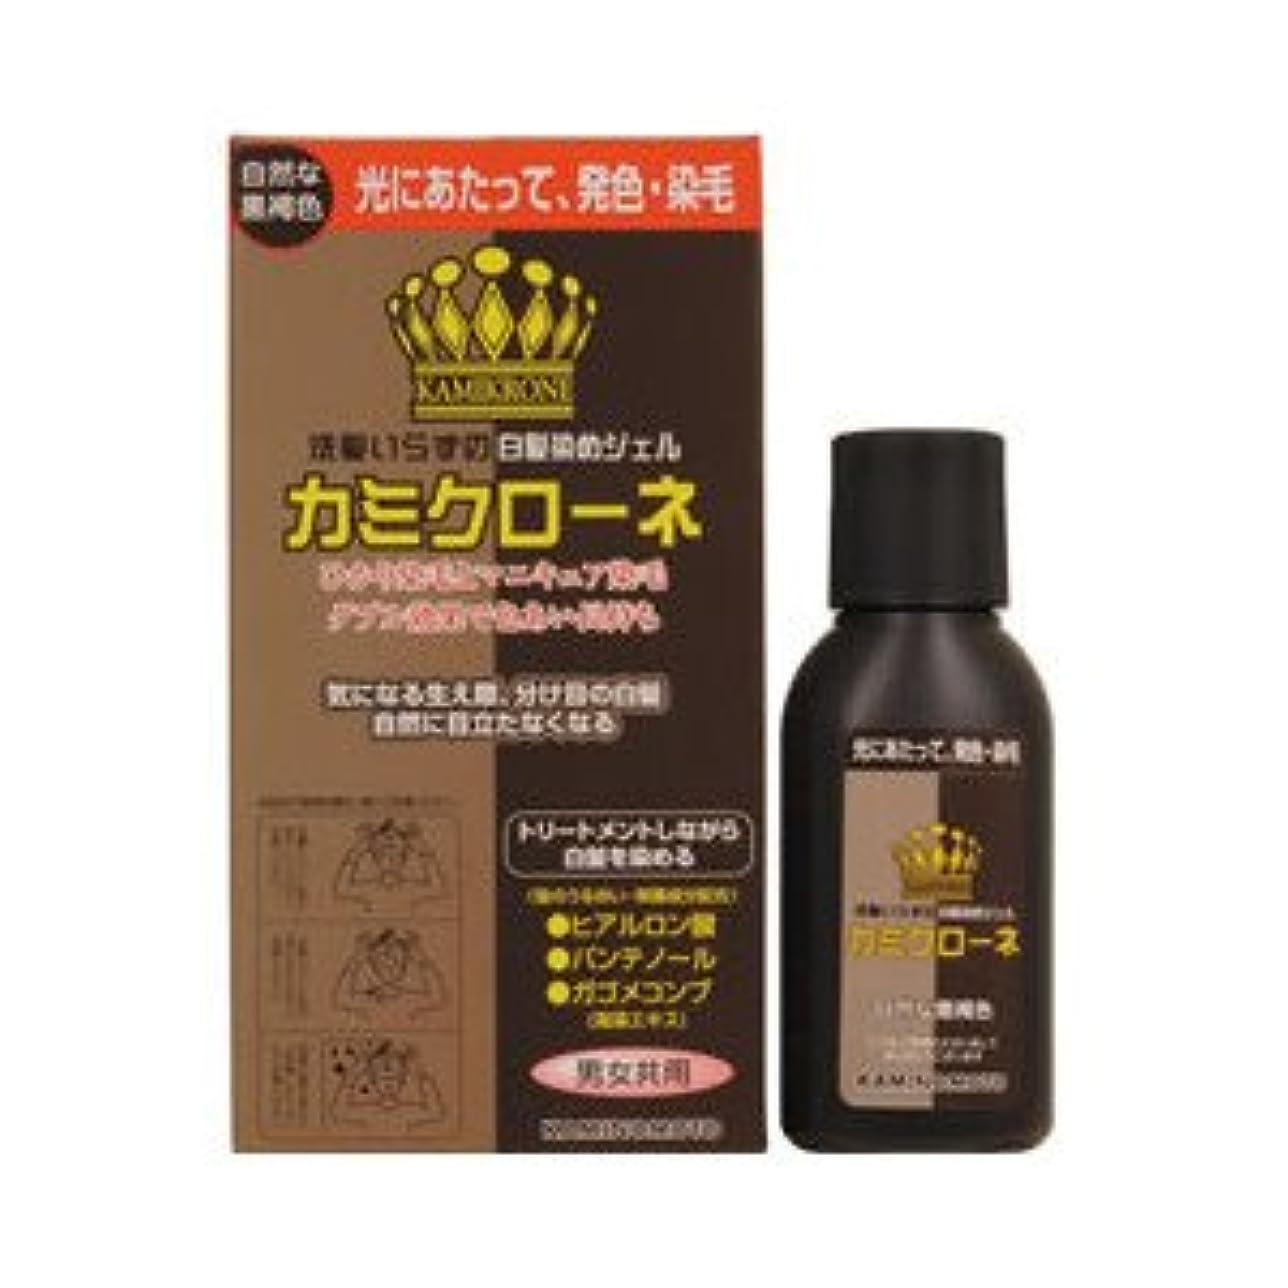 ホールド起業家乳剤カミクローネ ダークブラウン × 10個セット